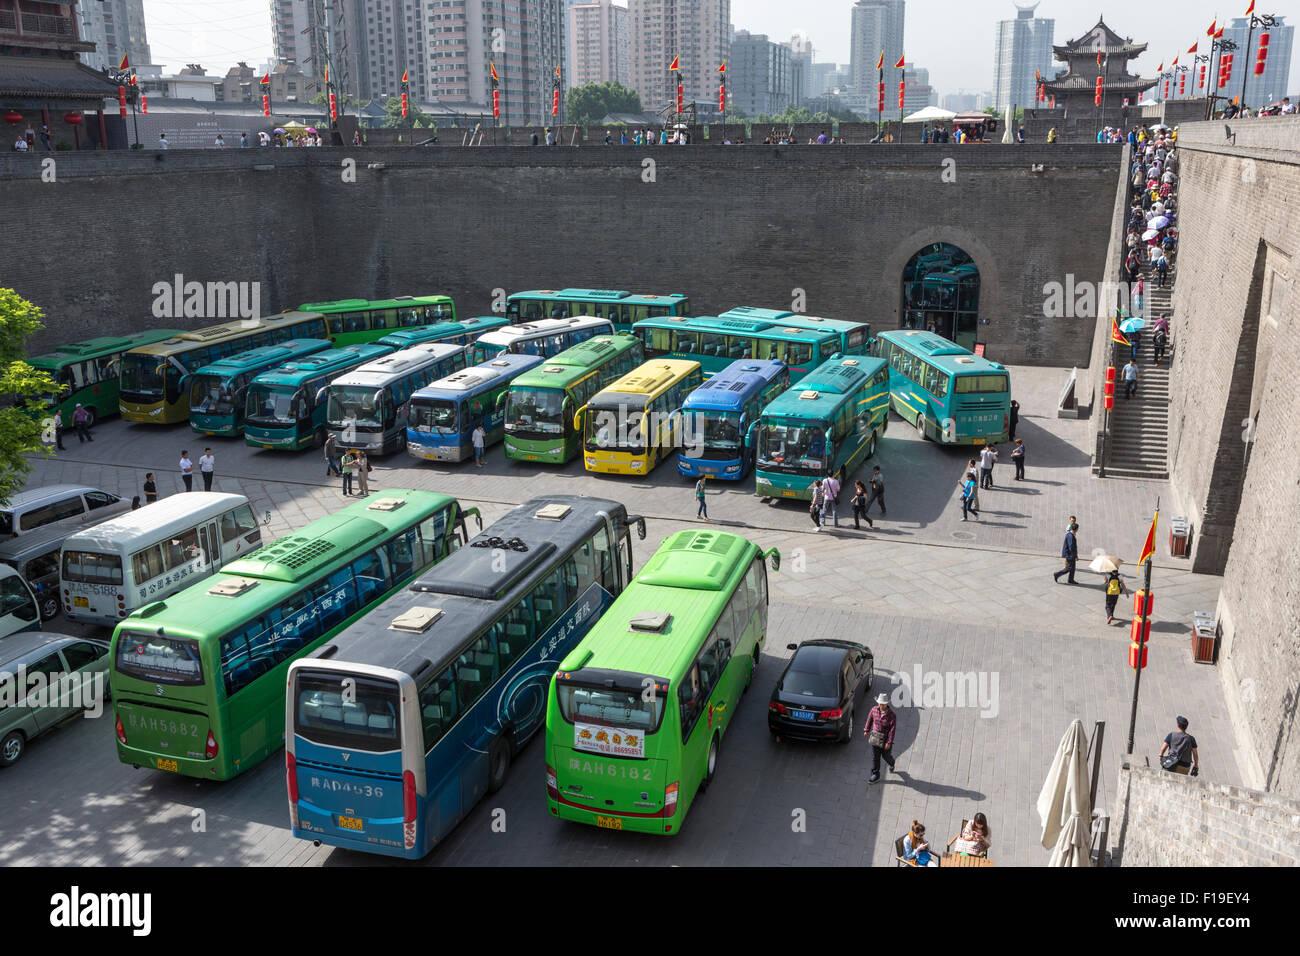 Puerta oriental de la muralla de la ciudad de Xi'an, con un puntaje de autobuses turísticos y muchos turistas Imagen De Stock